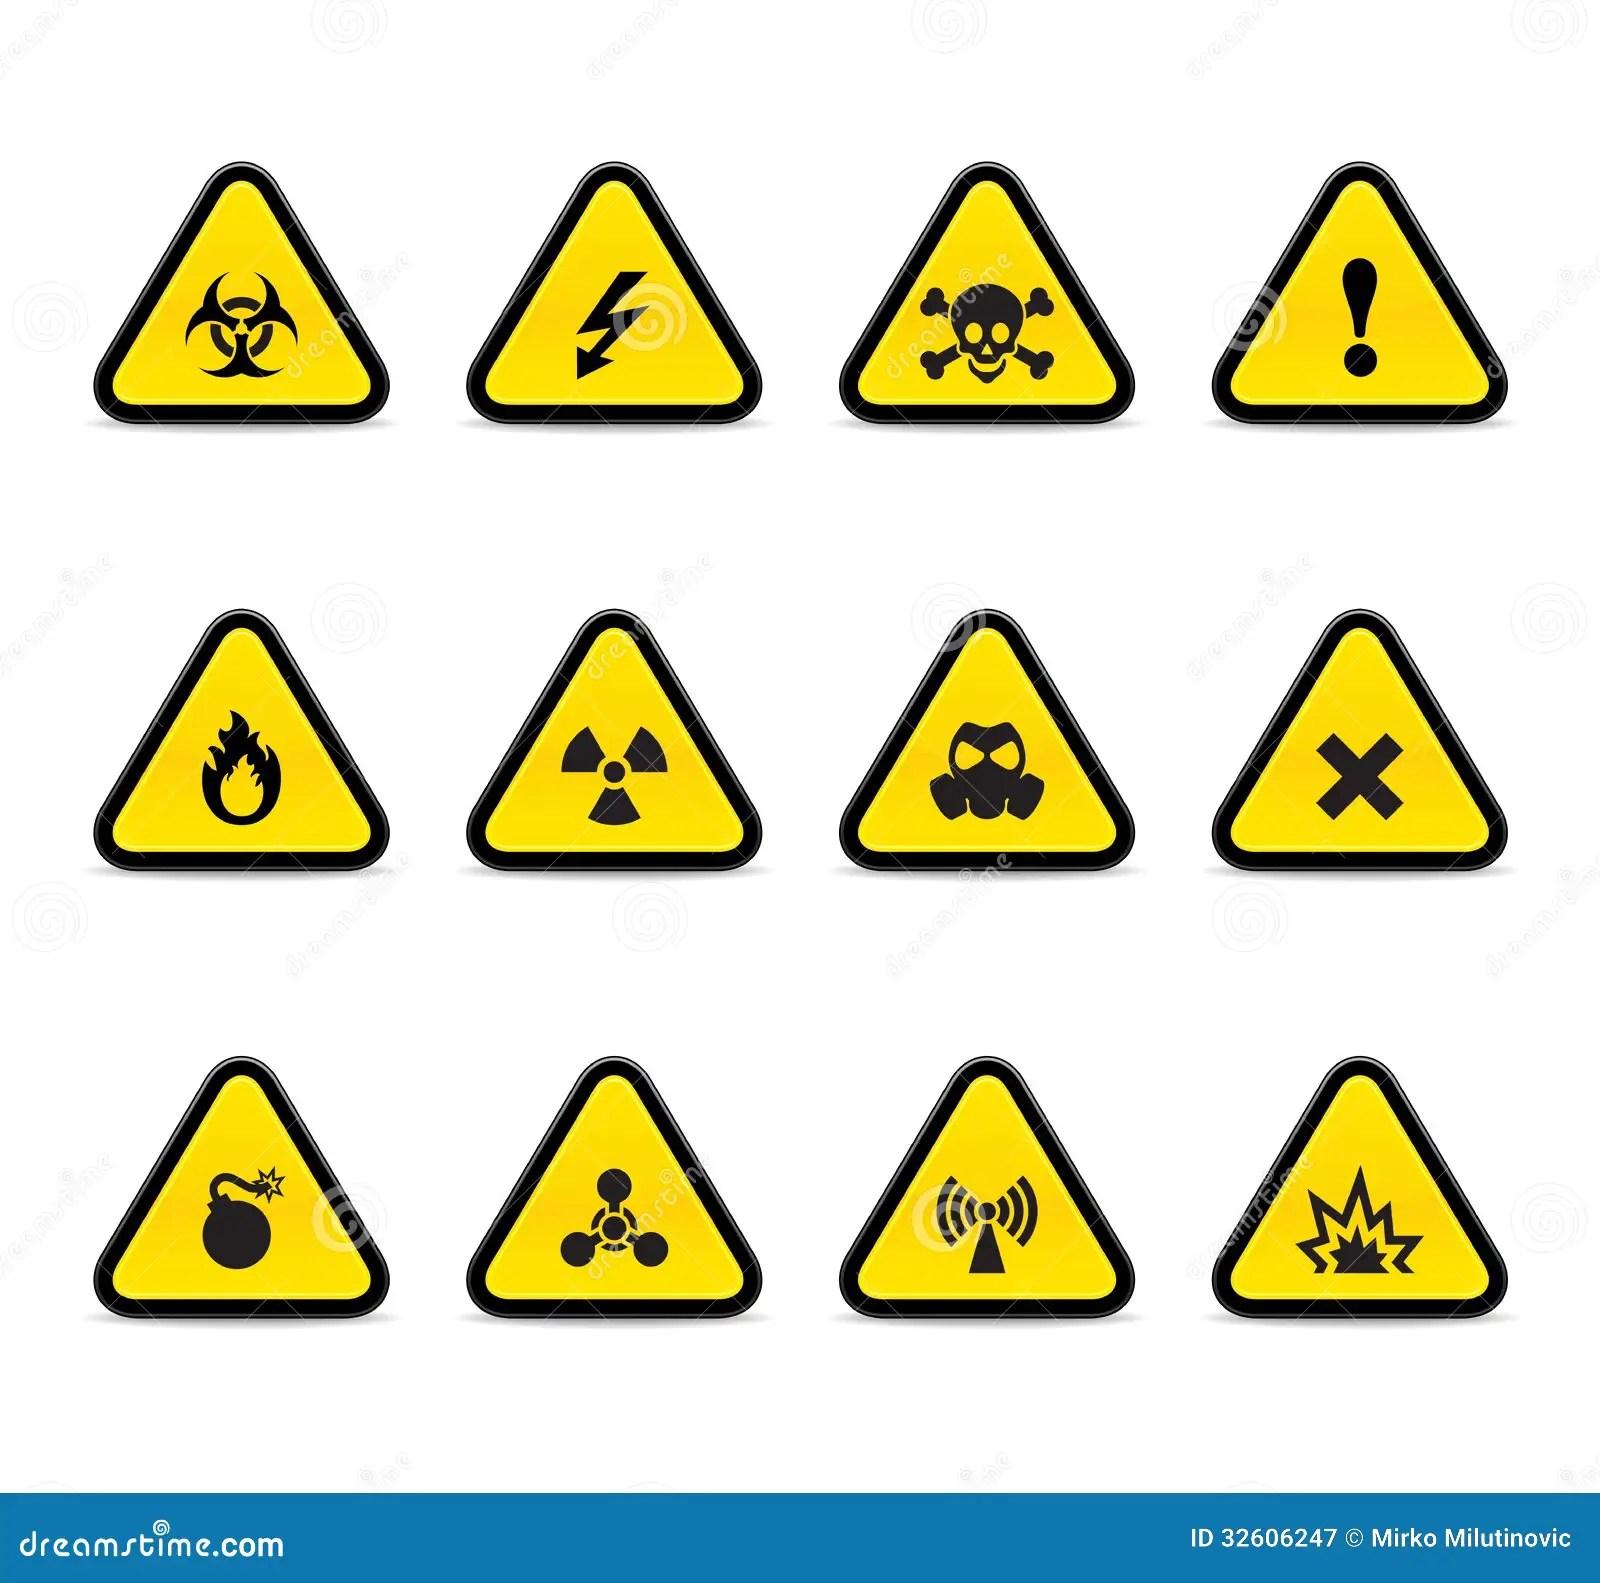 Triangulos Alertas Fotografia De Stock Royalty Free